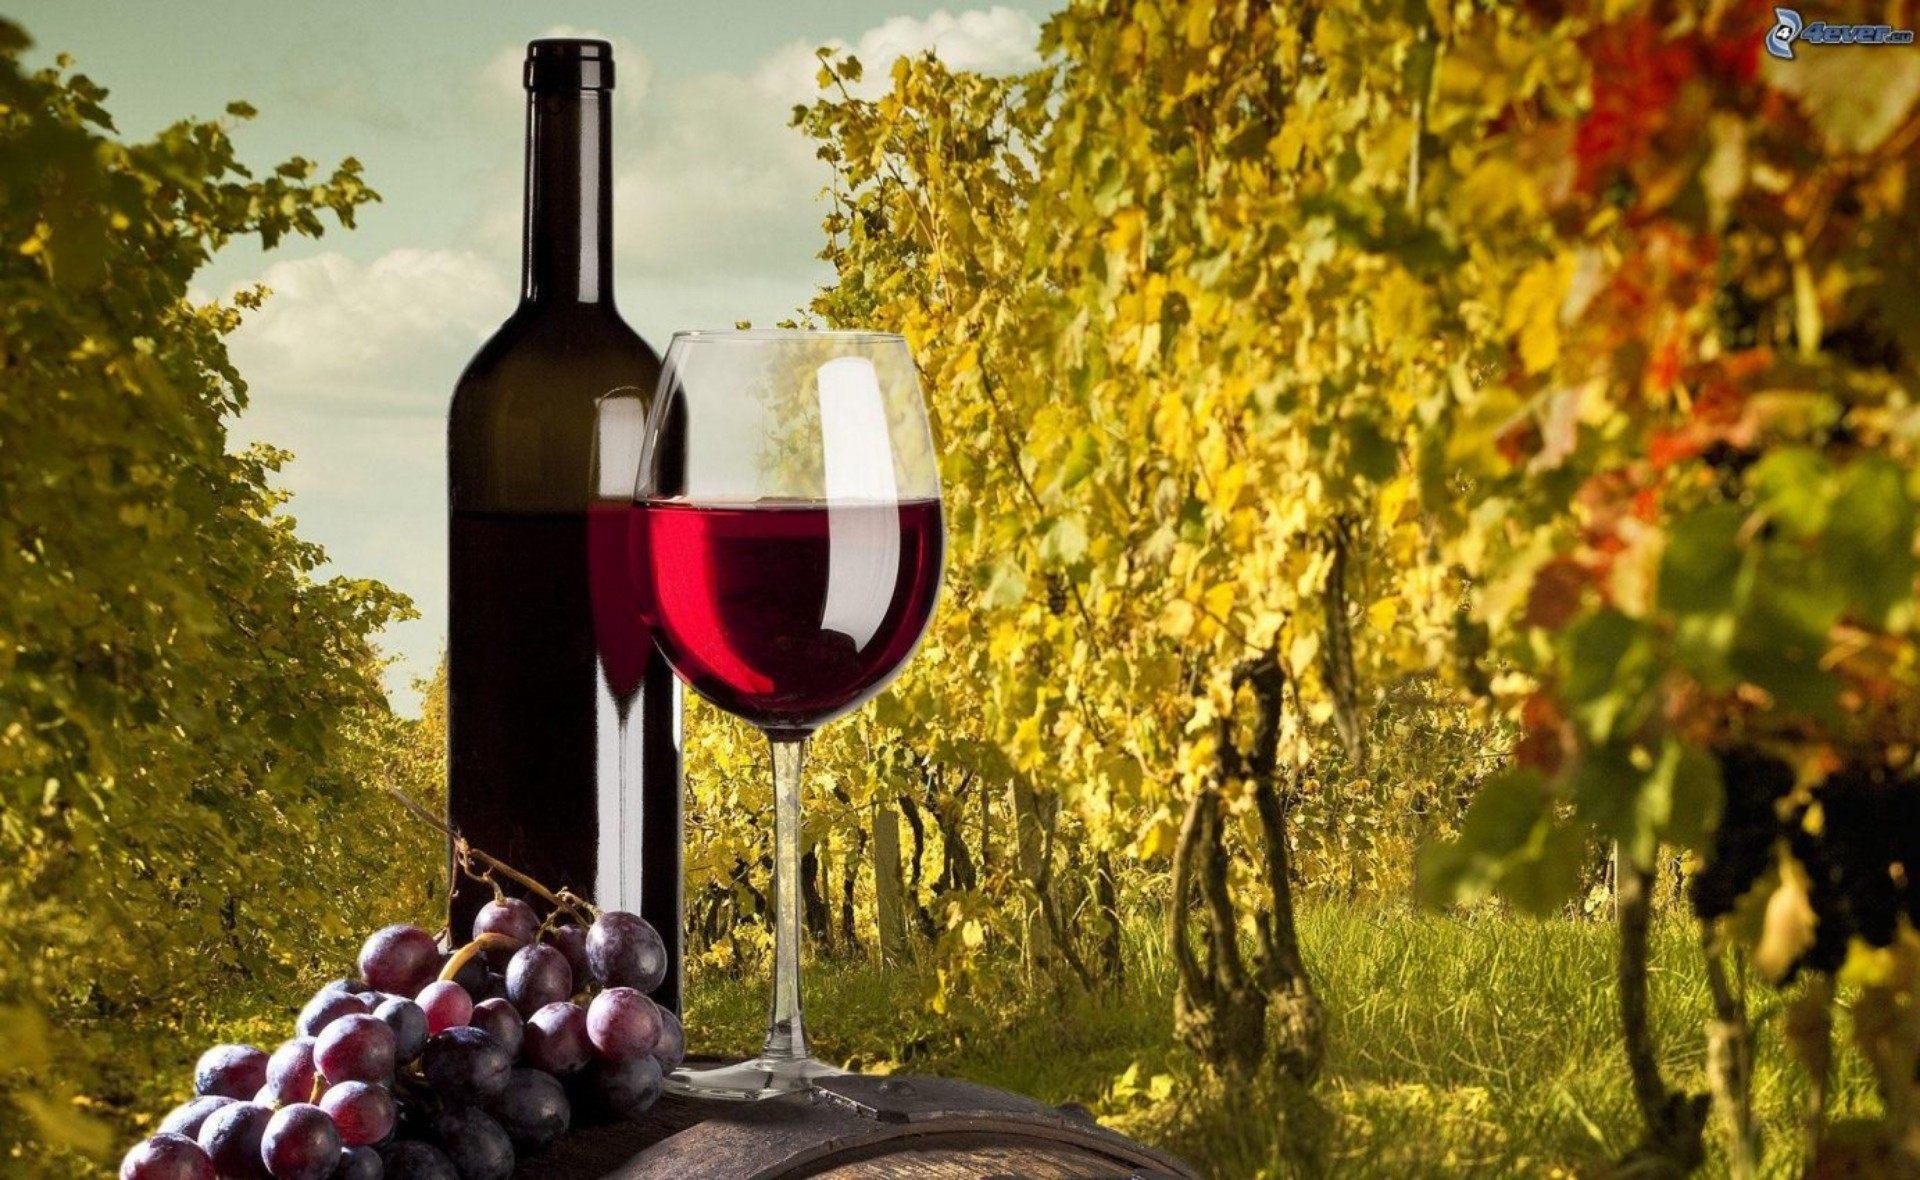 vino-bottiglia-tazza-uva-vigneto-172518